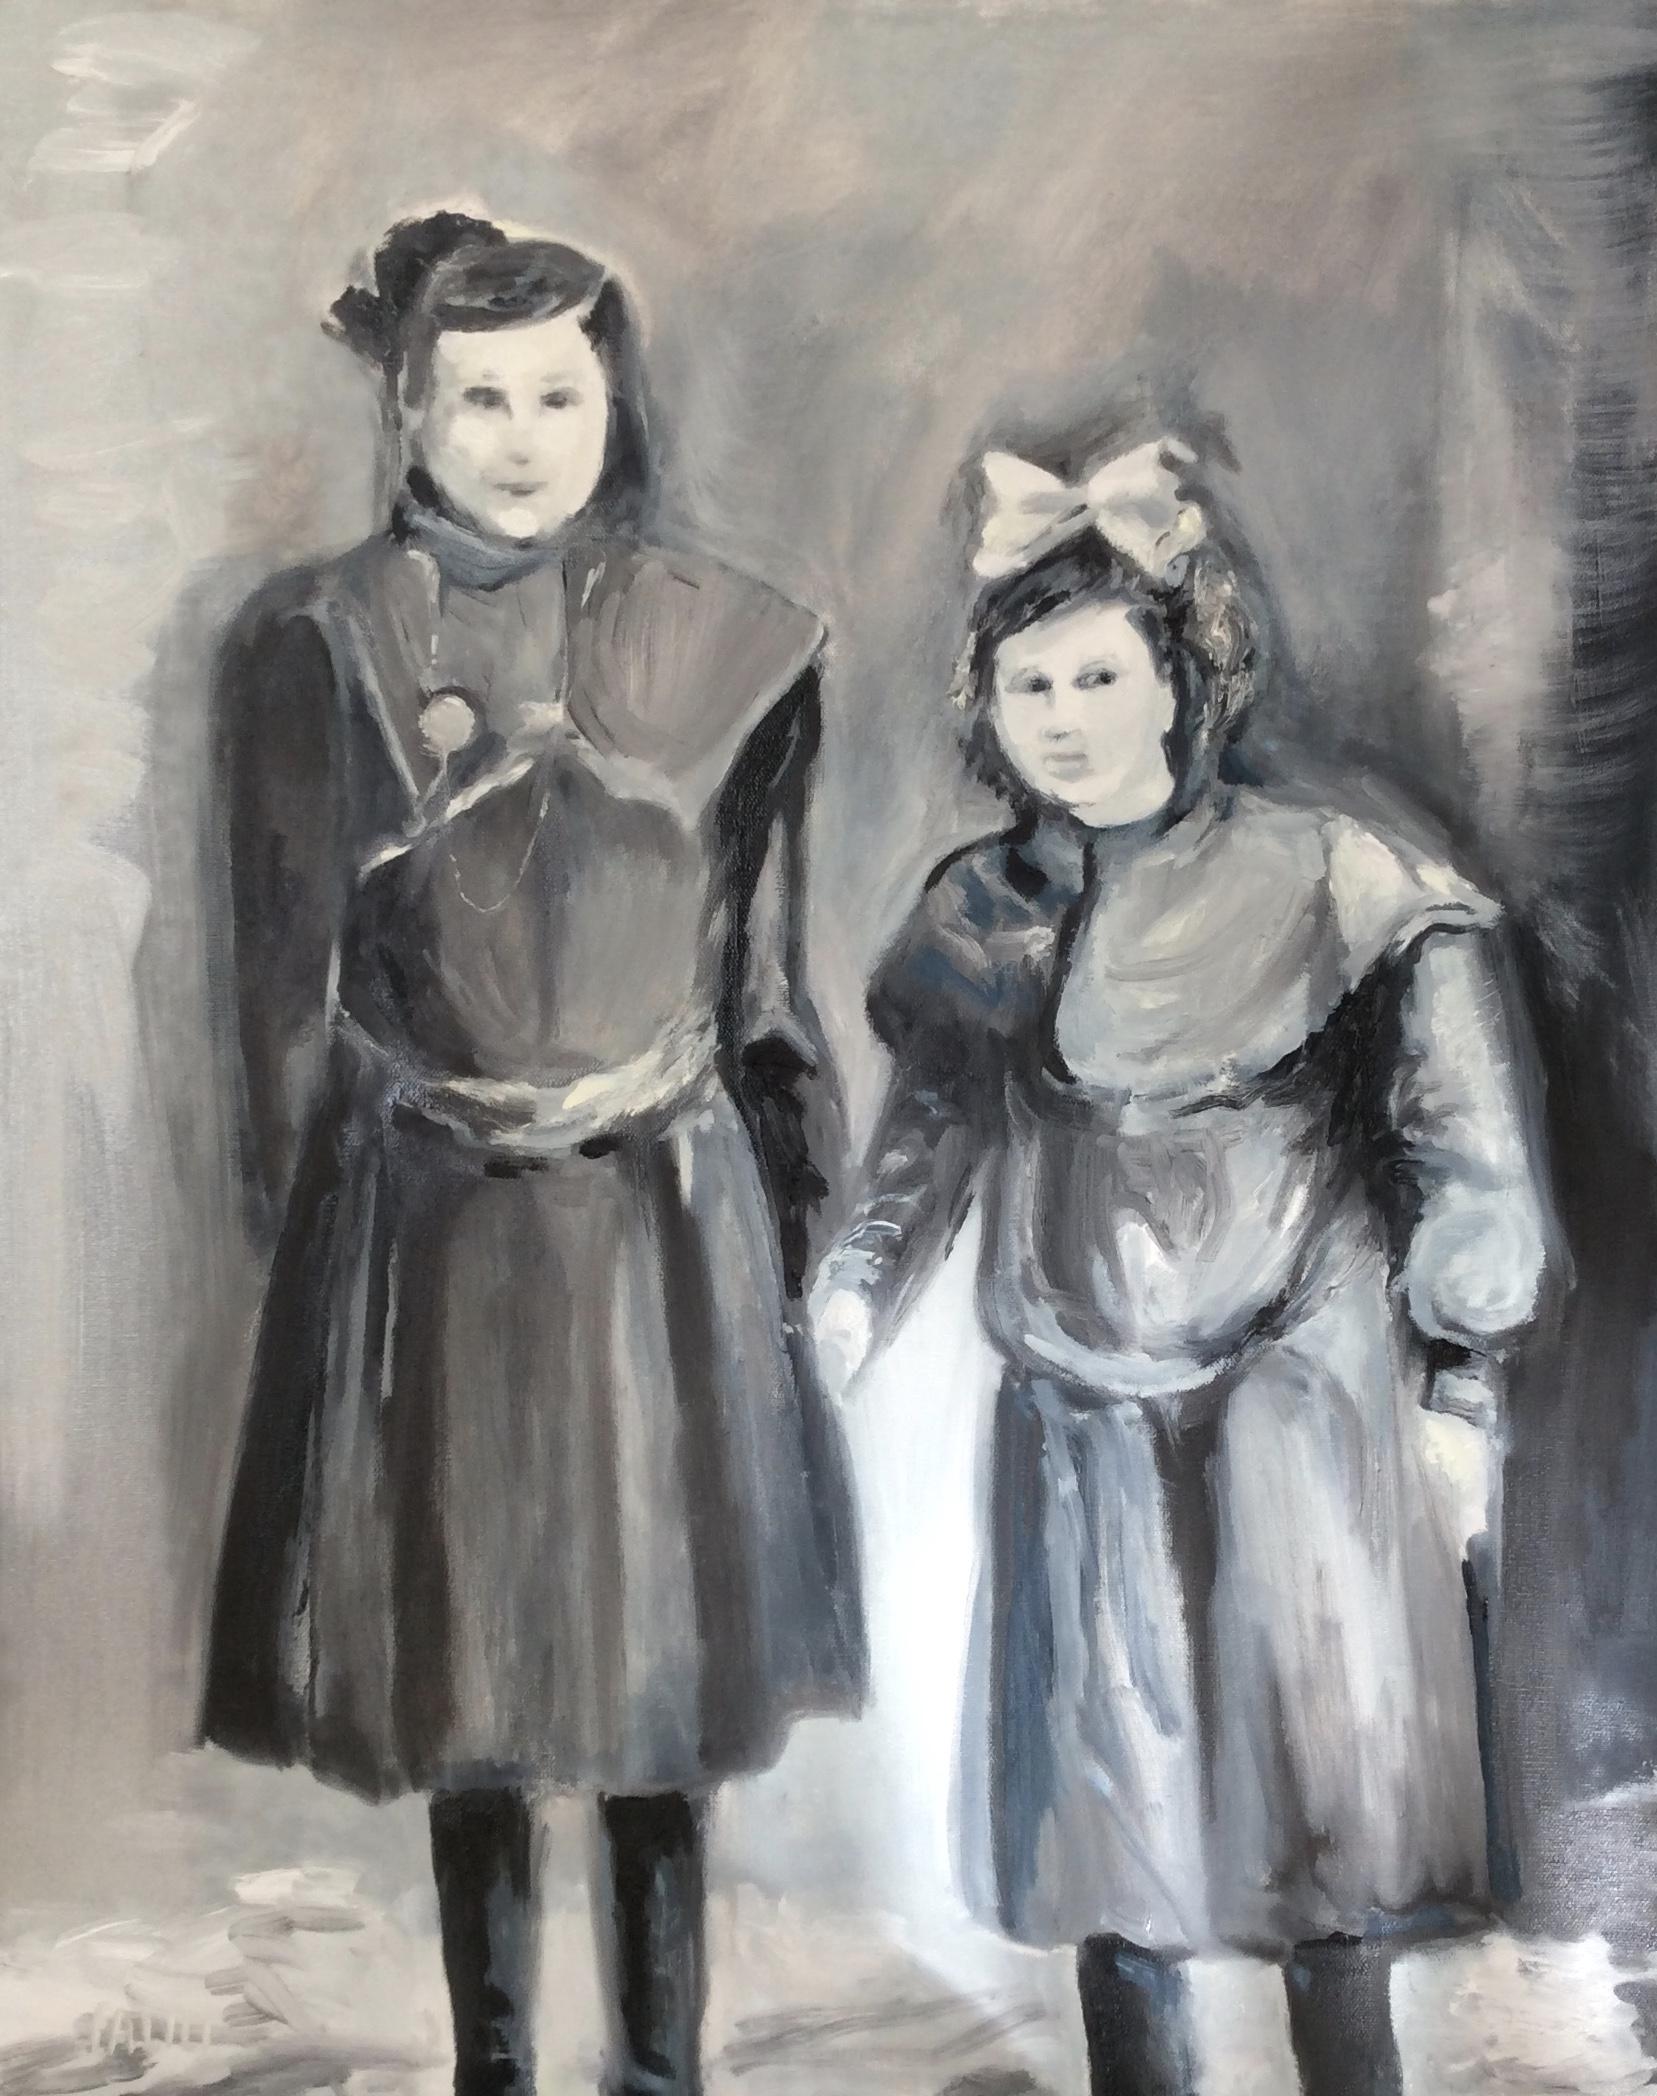 Sisters - Circa 1908